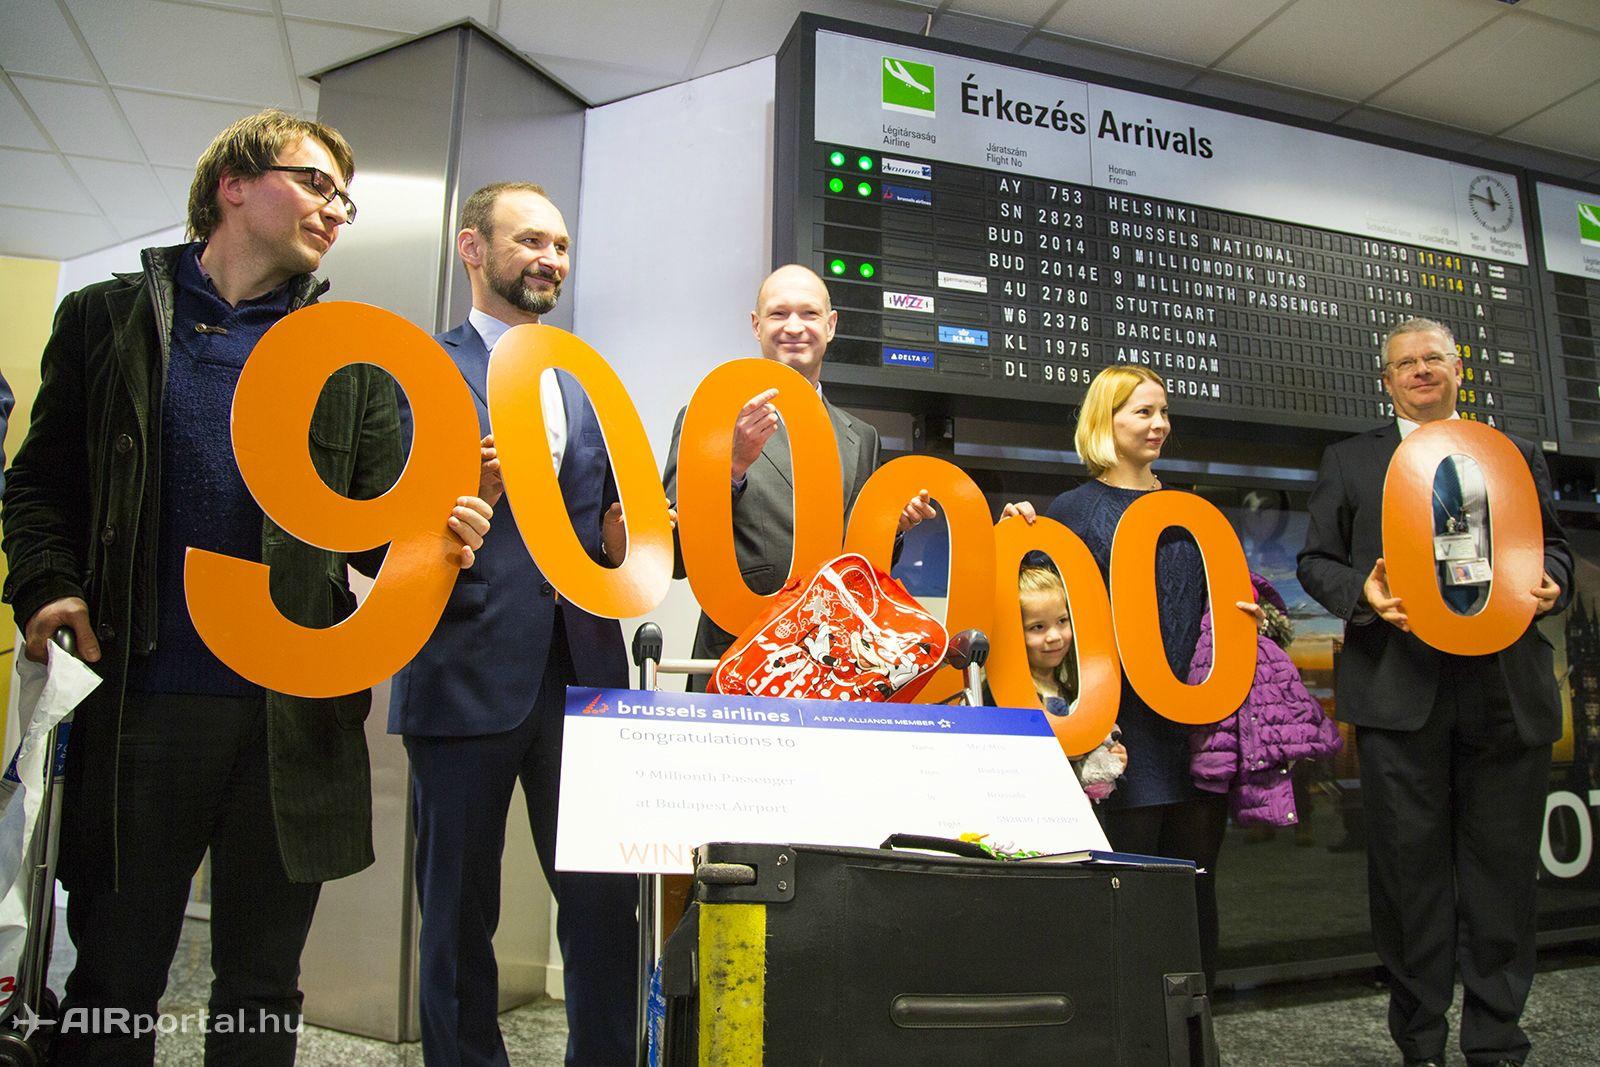 Az utasszám december 17-én lépte át a 9 milliót. (Fotó: AIRportal.hu) | © AIRportal.hu